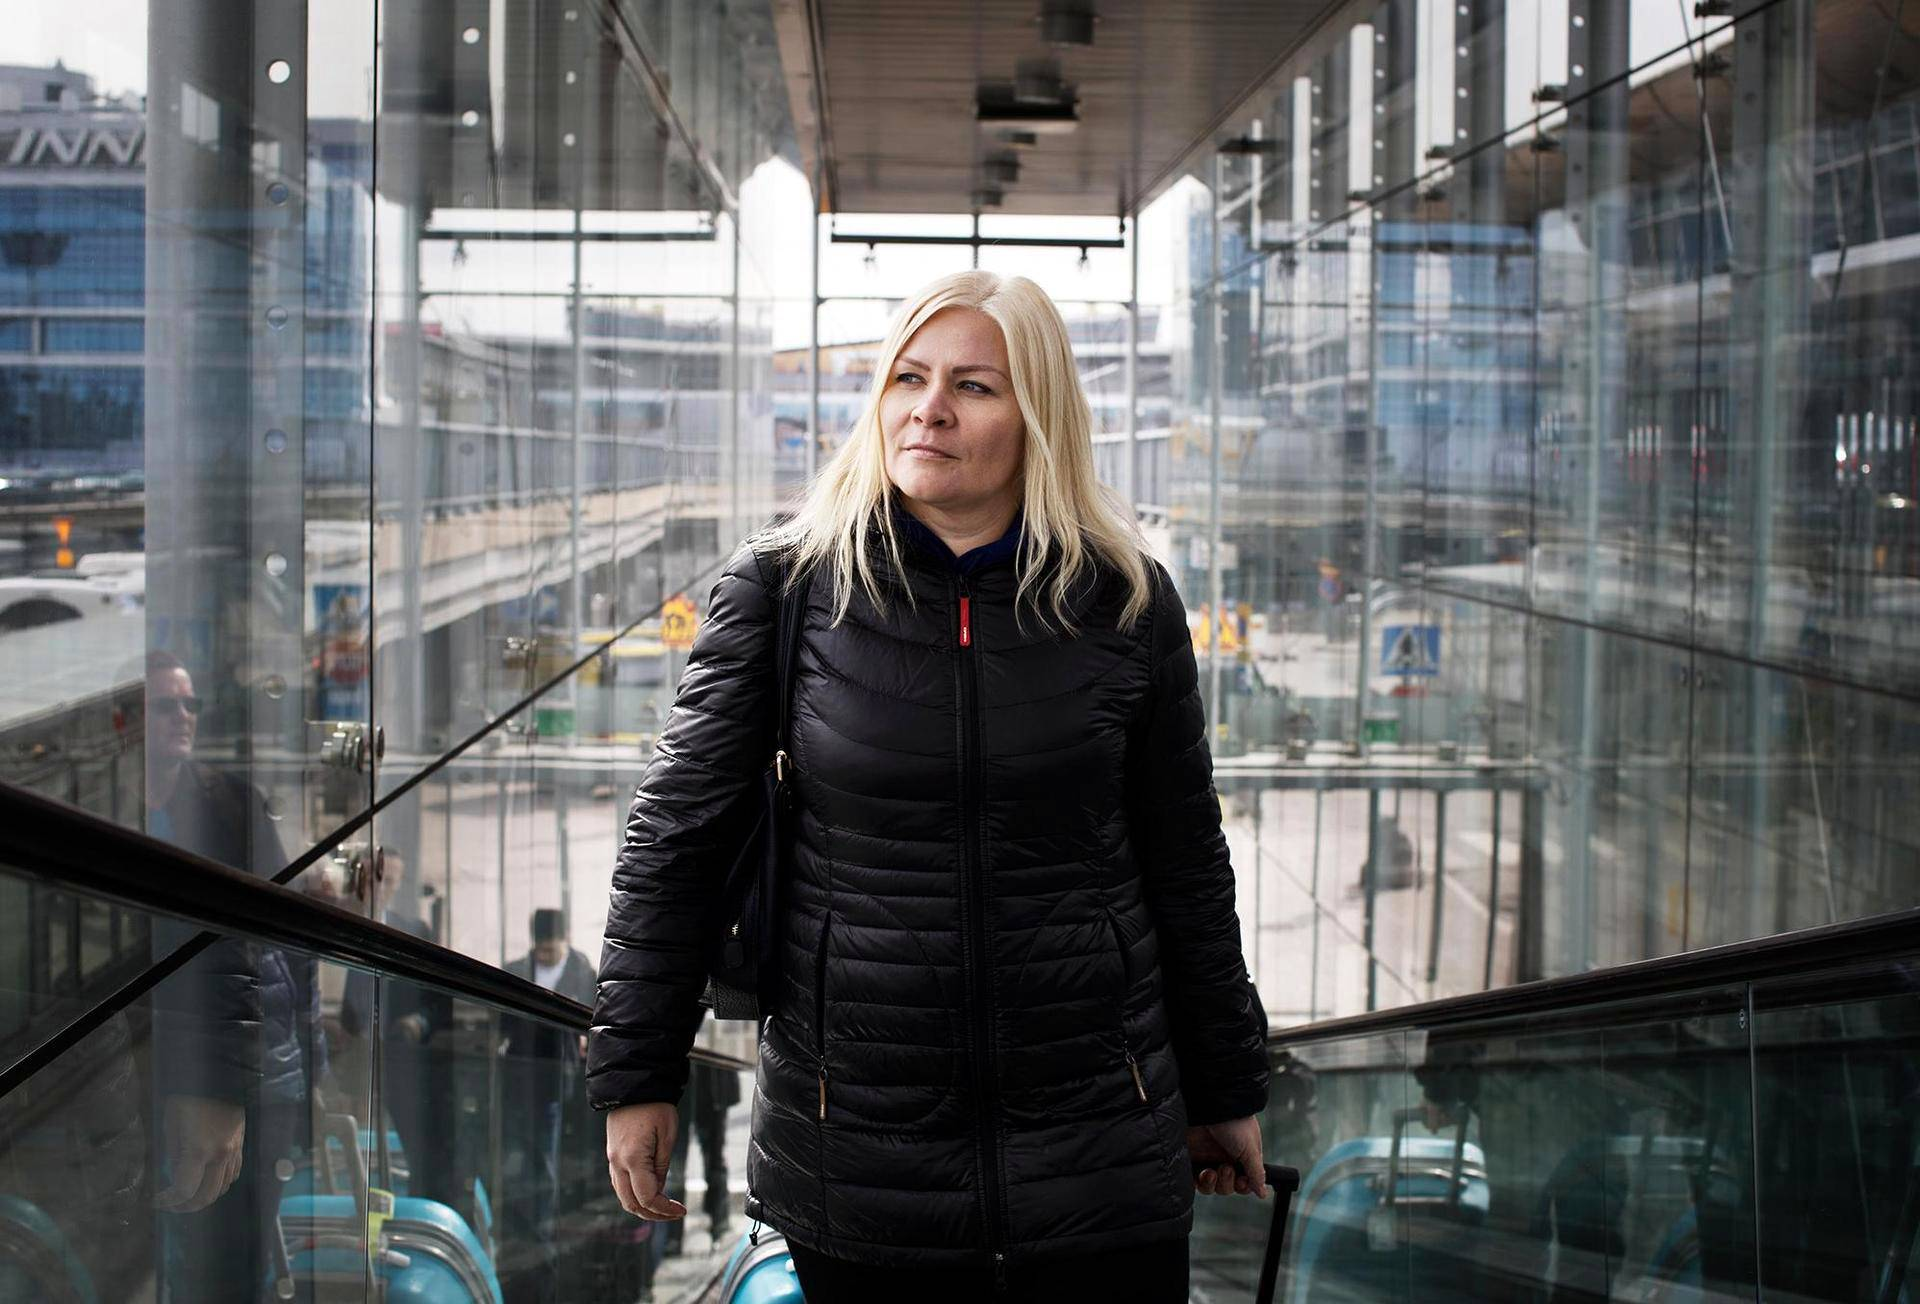 Tiina Jauhiainen kuvattiin Helsinki-Vantaan lentoasemalla matkalla Lontooseen.